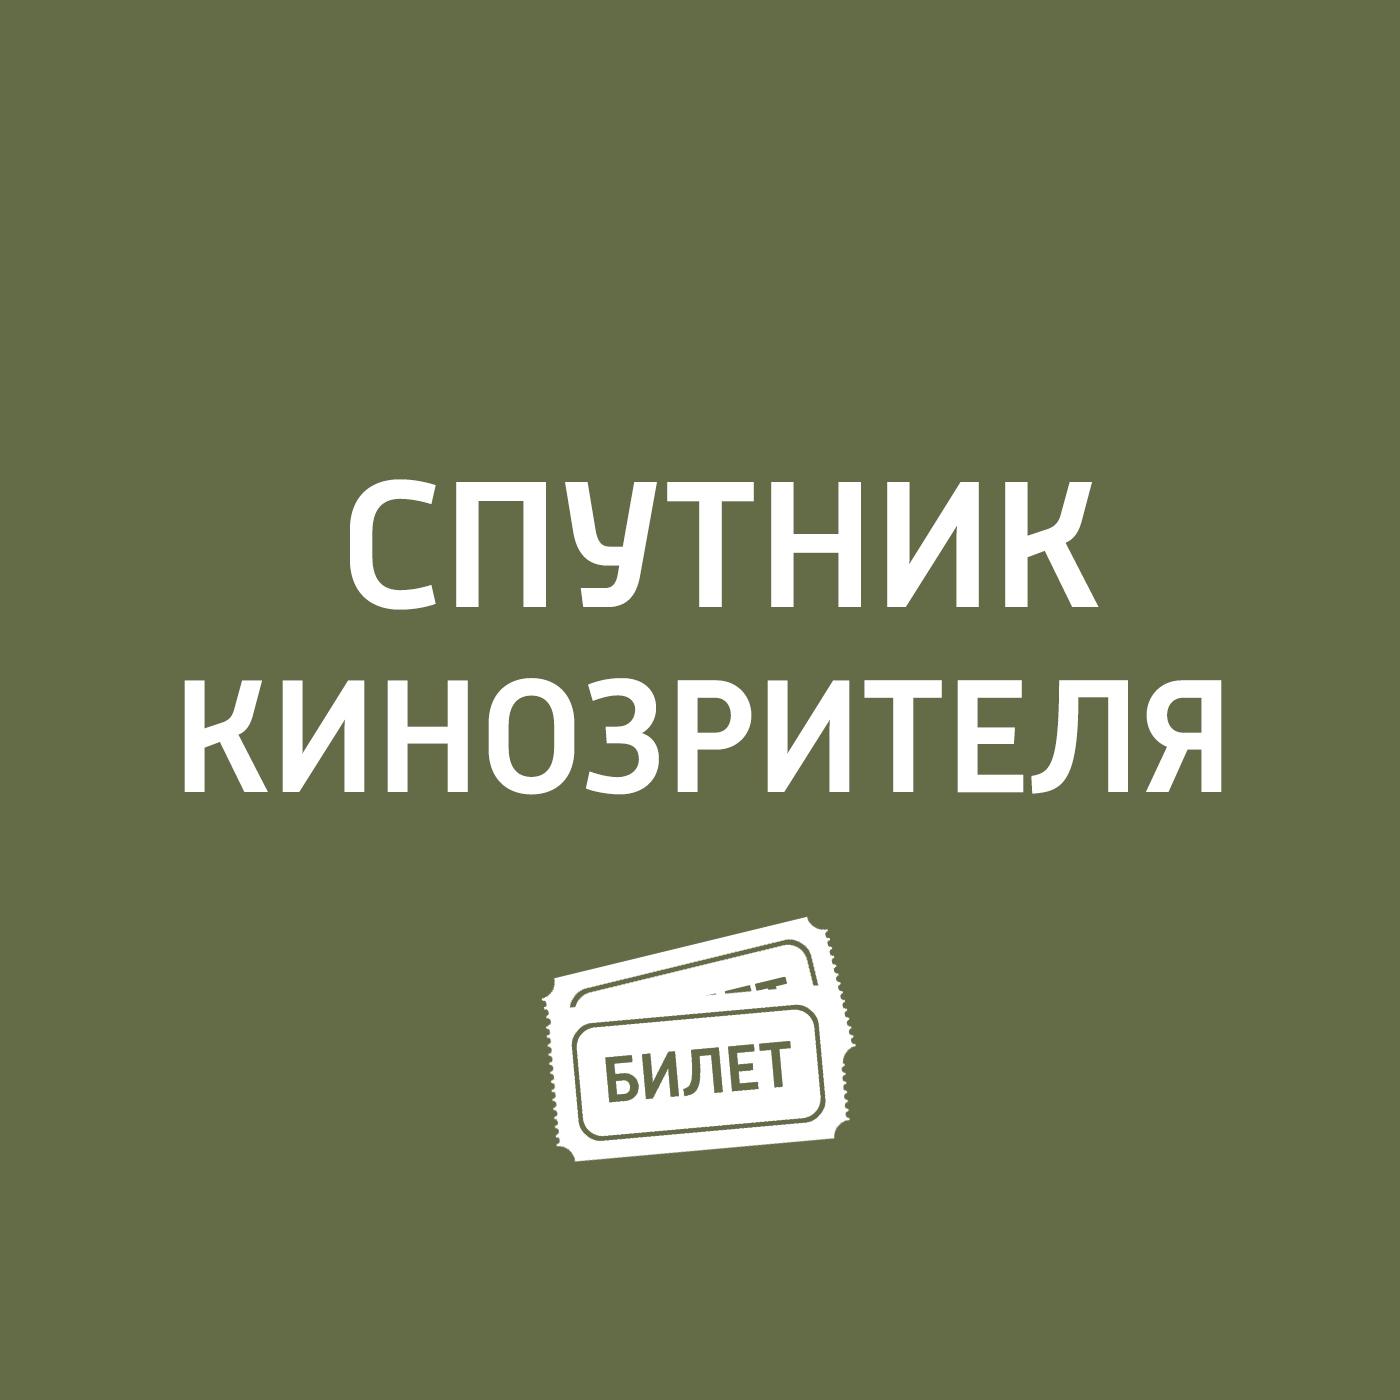 Антон Долин Премьеры. «Мобильник, «Отмель, «Гений, «В тихом омуте цена